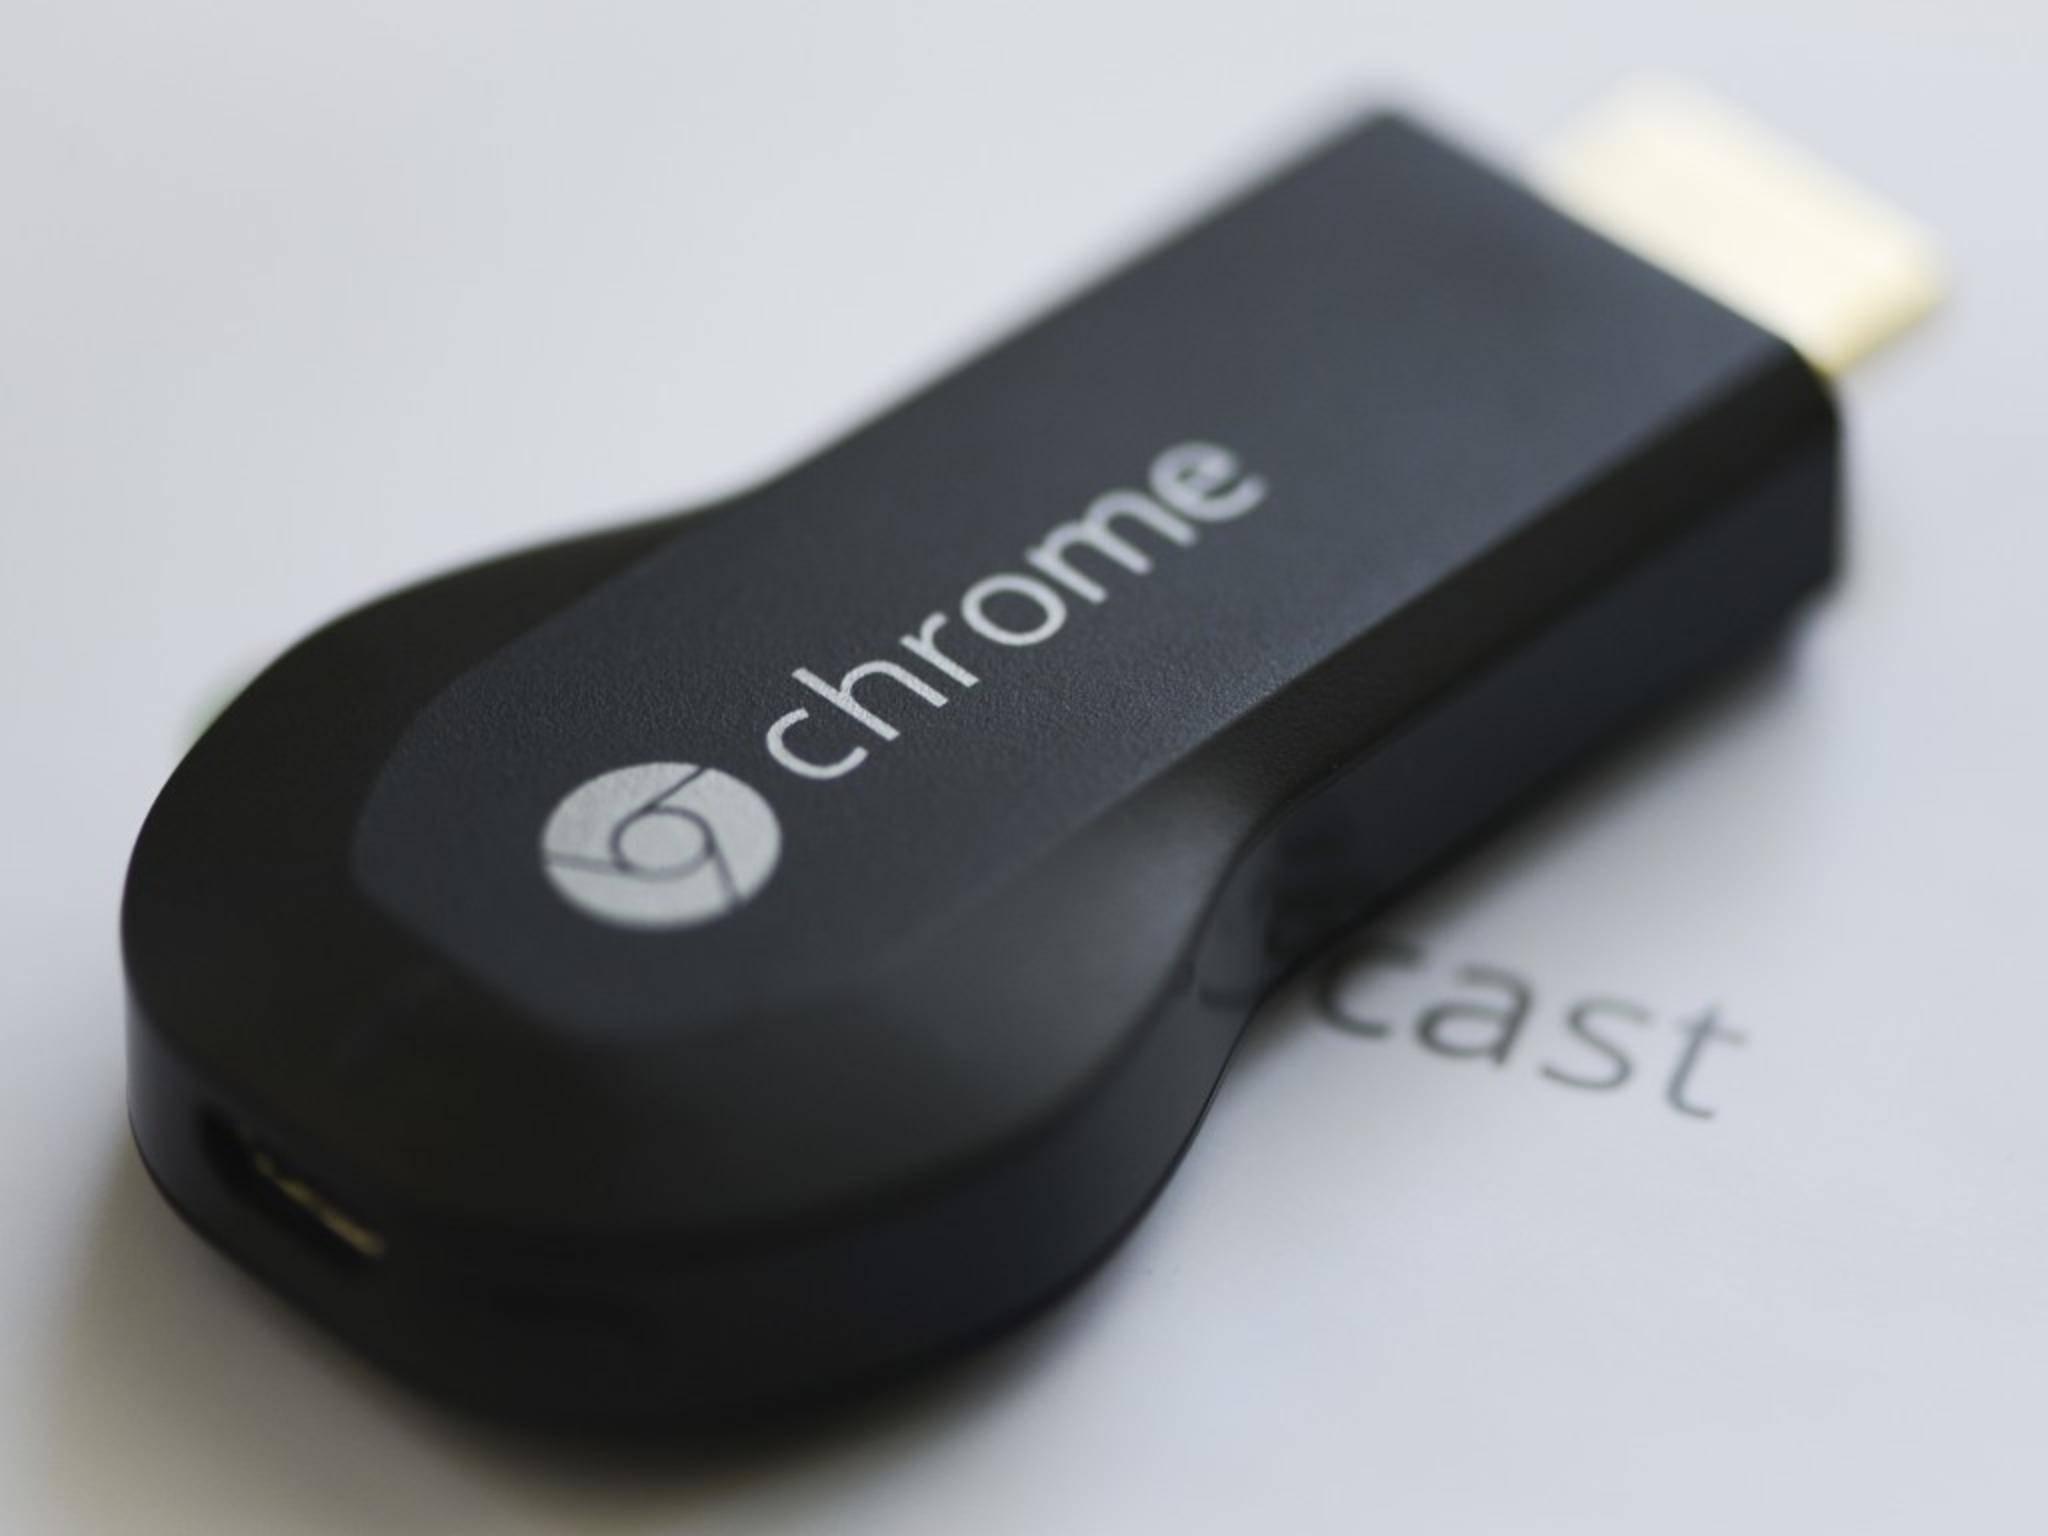 Und nochmal Google: Auf Platz 9 ist der Mediastick Google Chromecast zu finden.